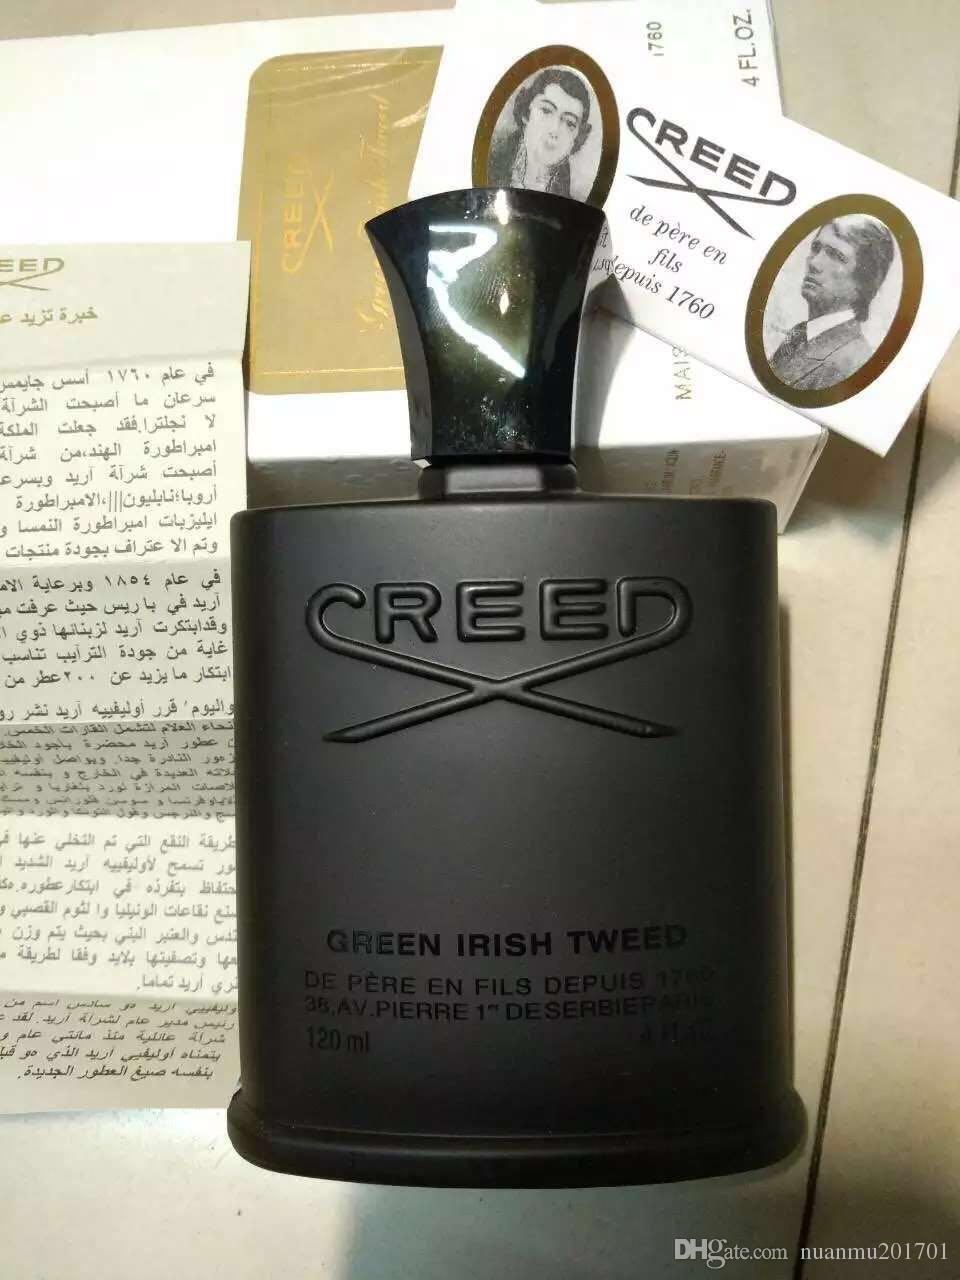 جديد وصول الأخضر الأيرلندية التويد للرجال 120 مل مع فترة طويلة الأمد رائحة طيبة 1 إلى 1 جودة عالية الصلبة العطور التسوق مجانا